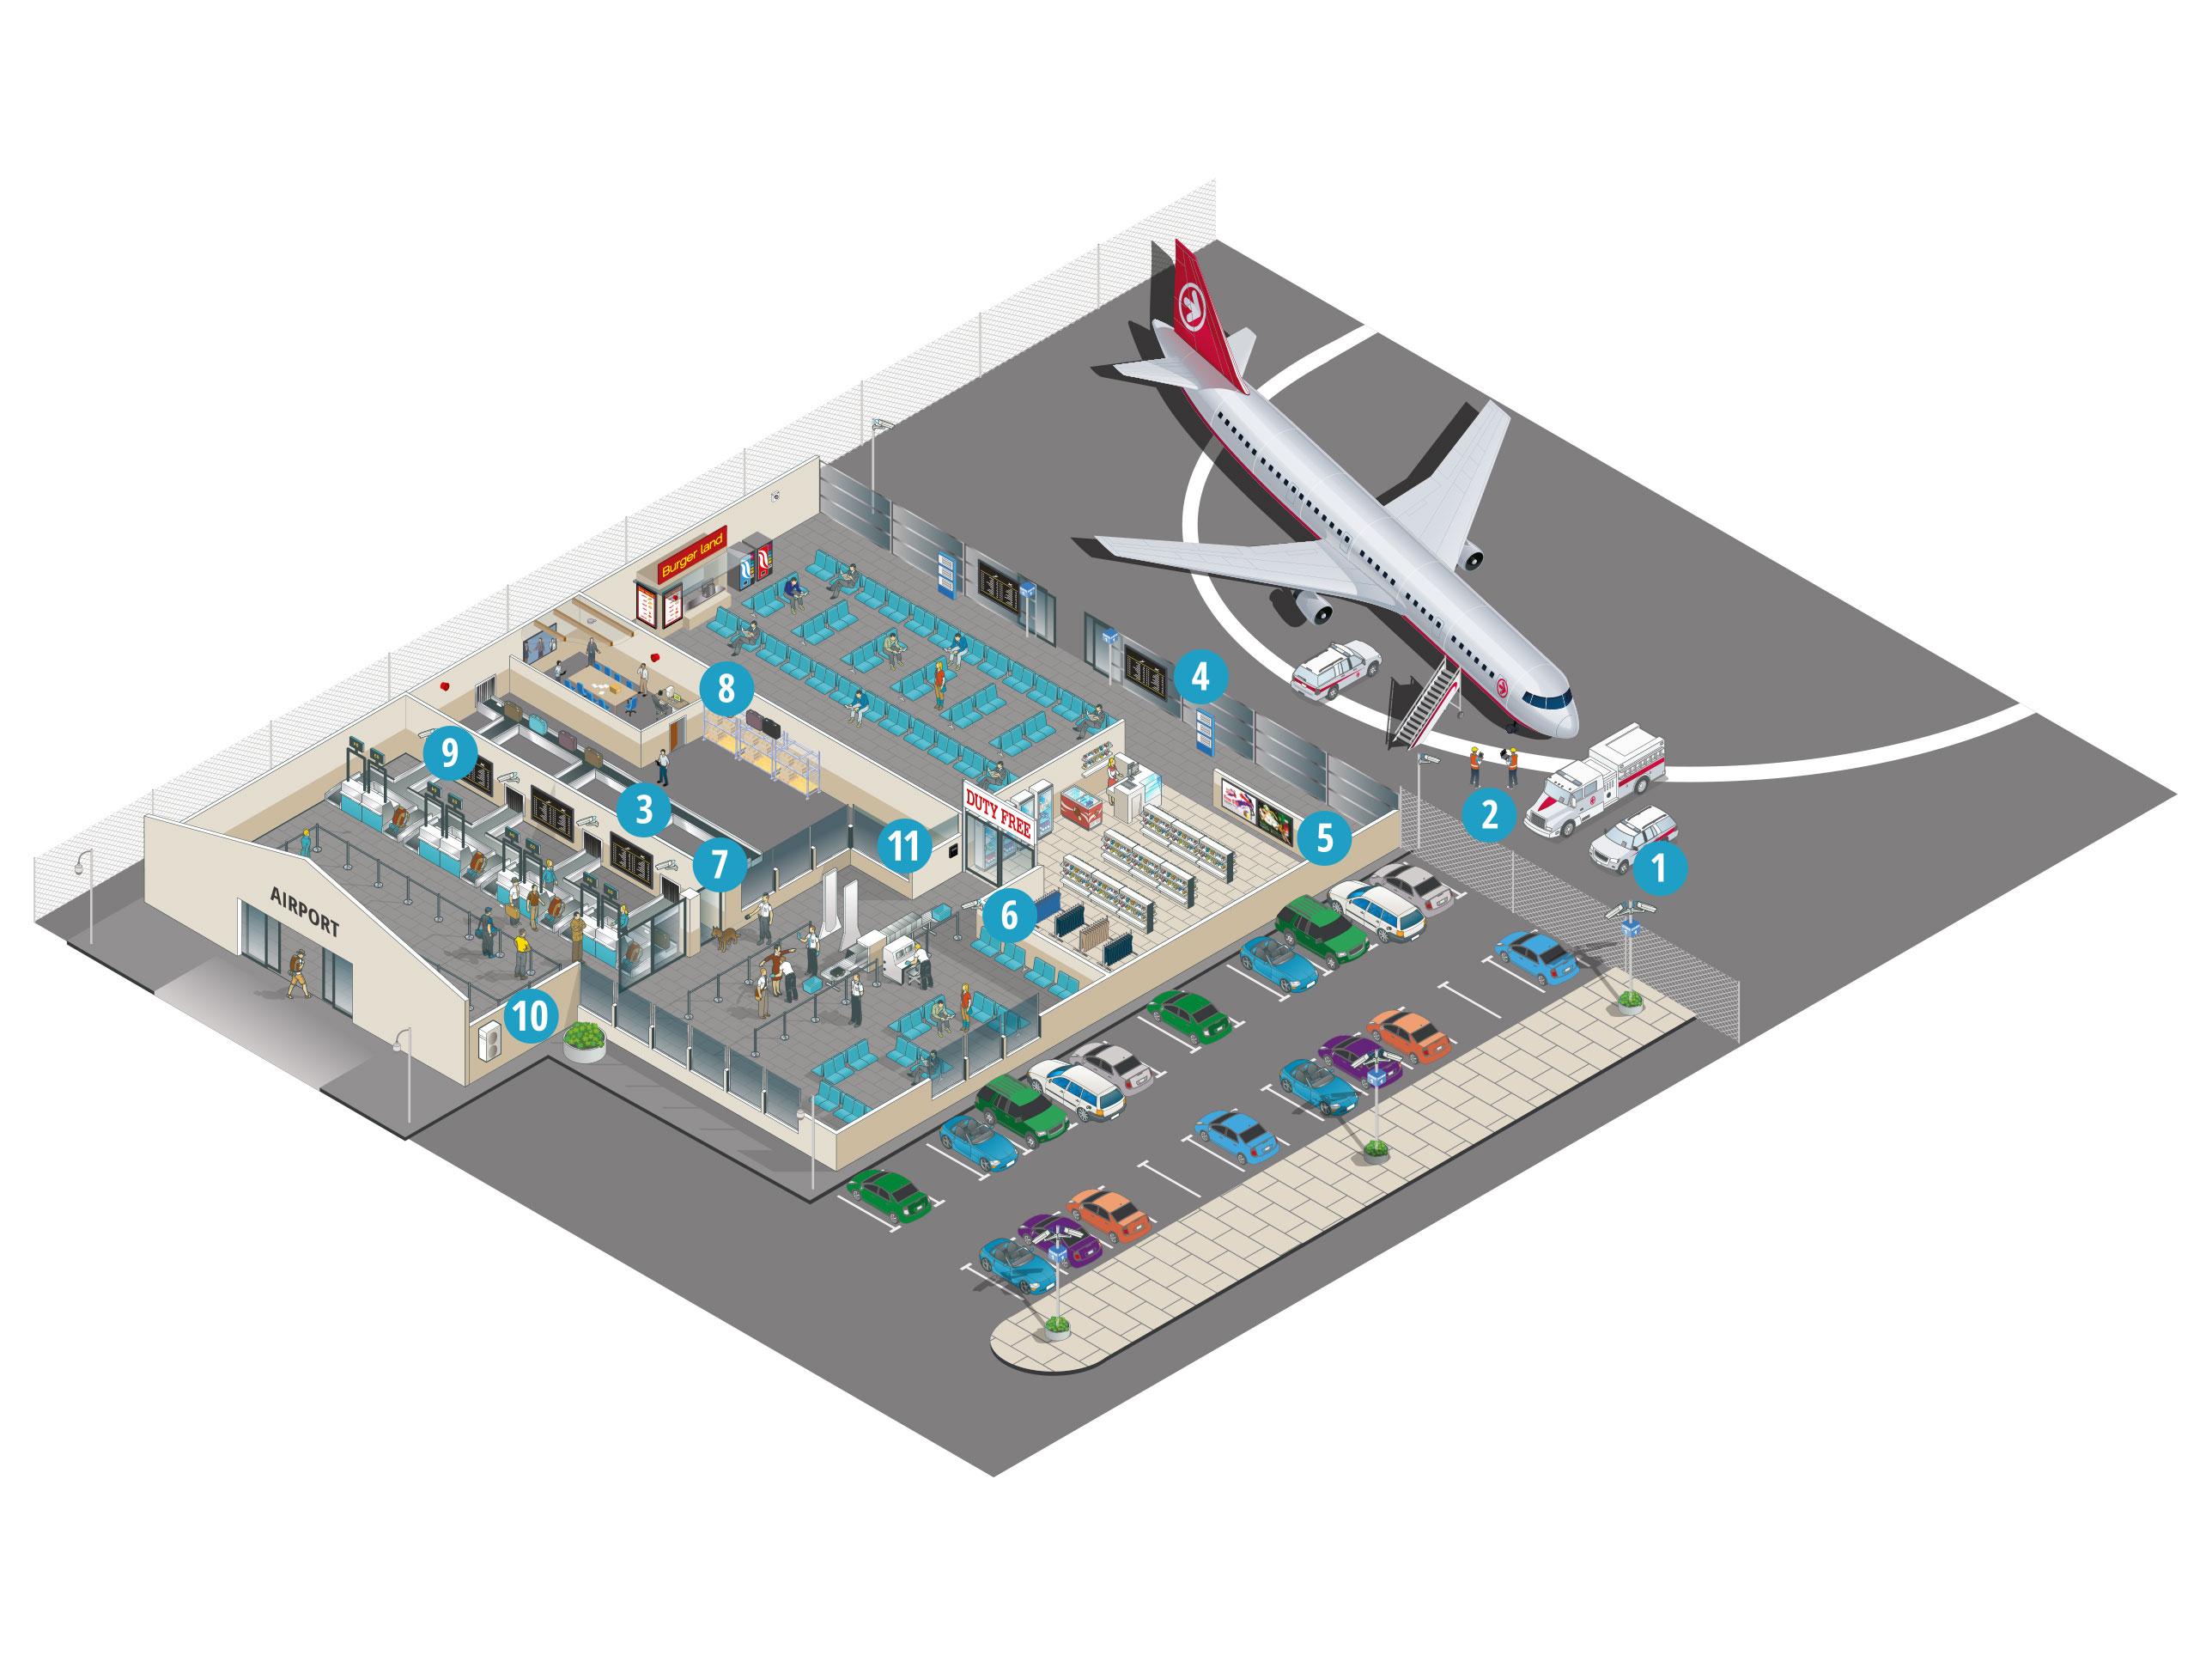 Wie unterstützen die Lösungen von Panasonic die Luftfahrt?